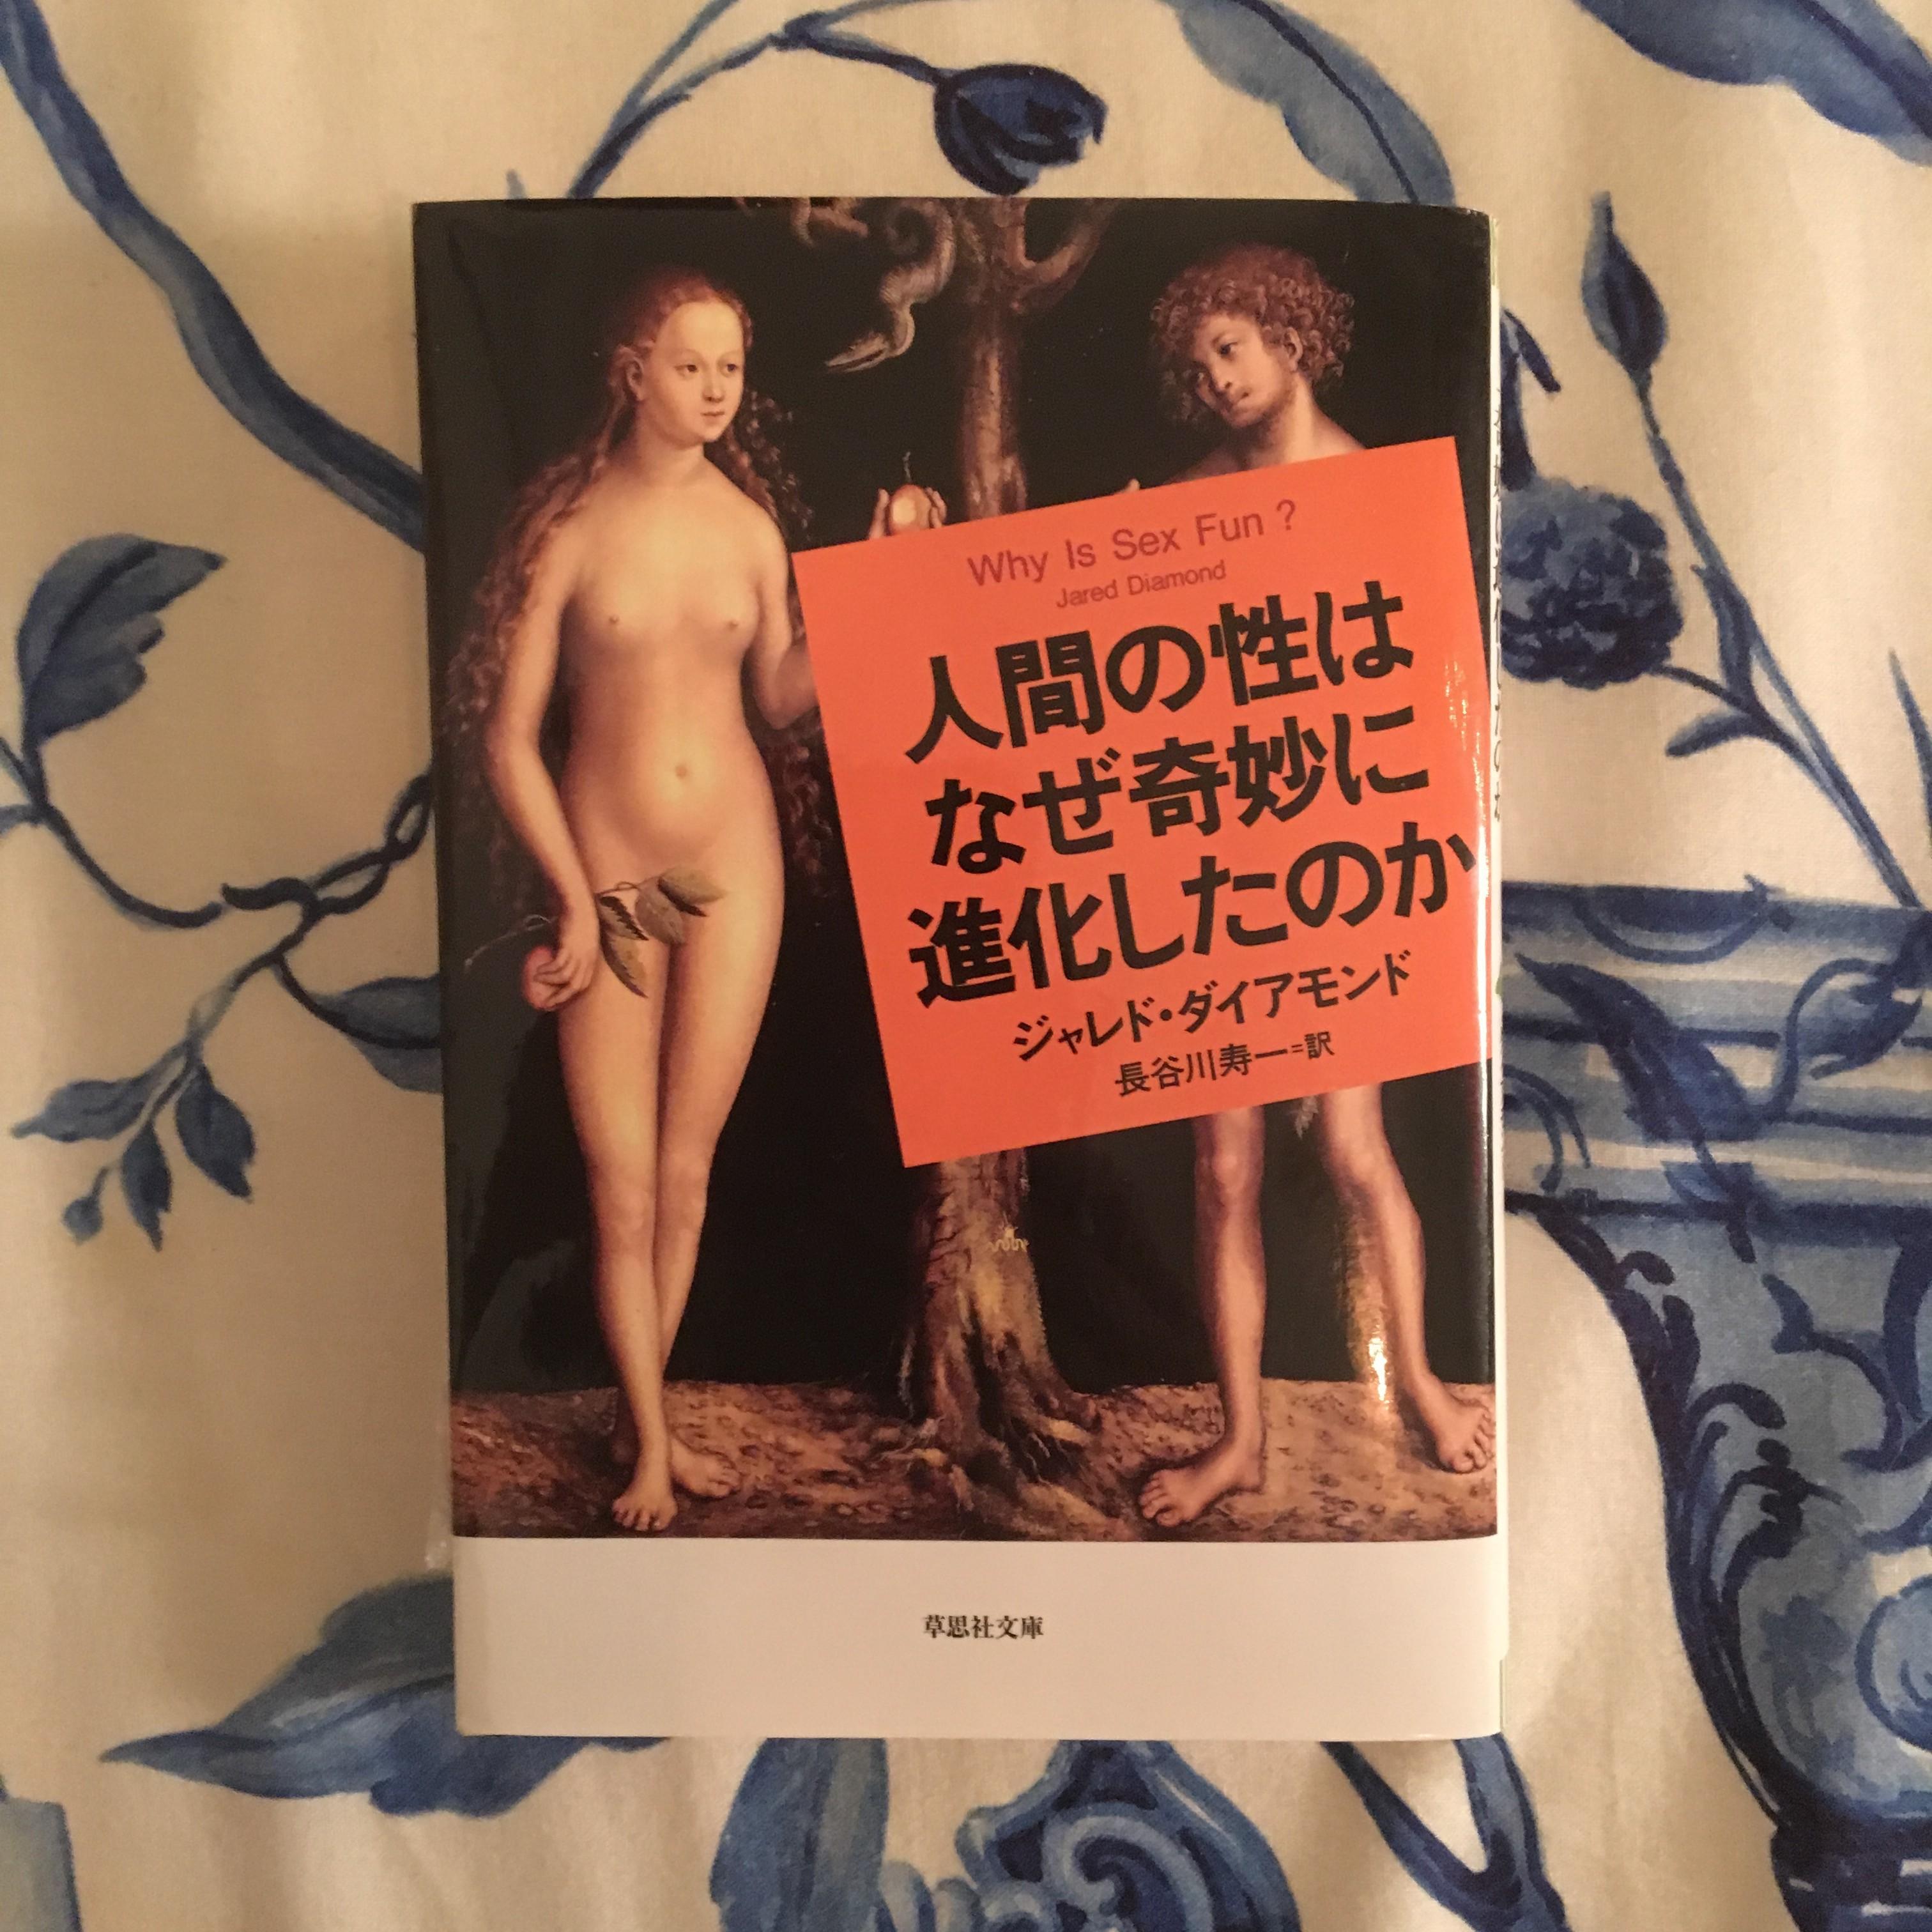 性について読むVol.5-人間の性はなぜ奇妙に進化したのか-